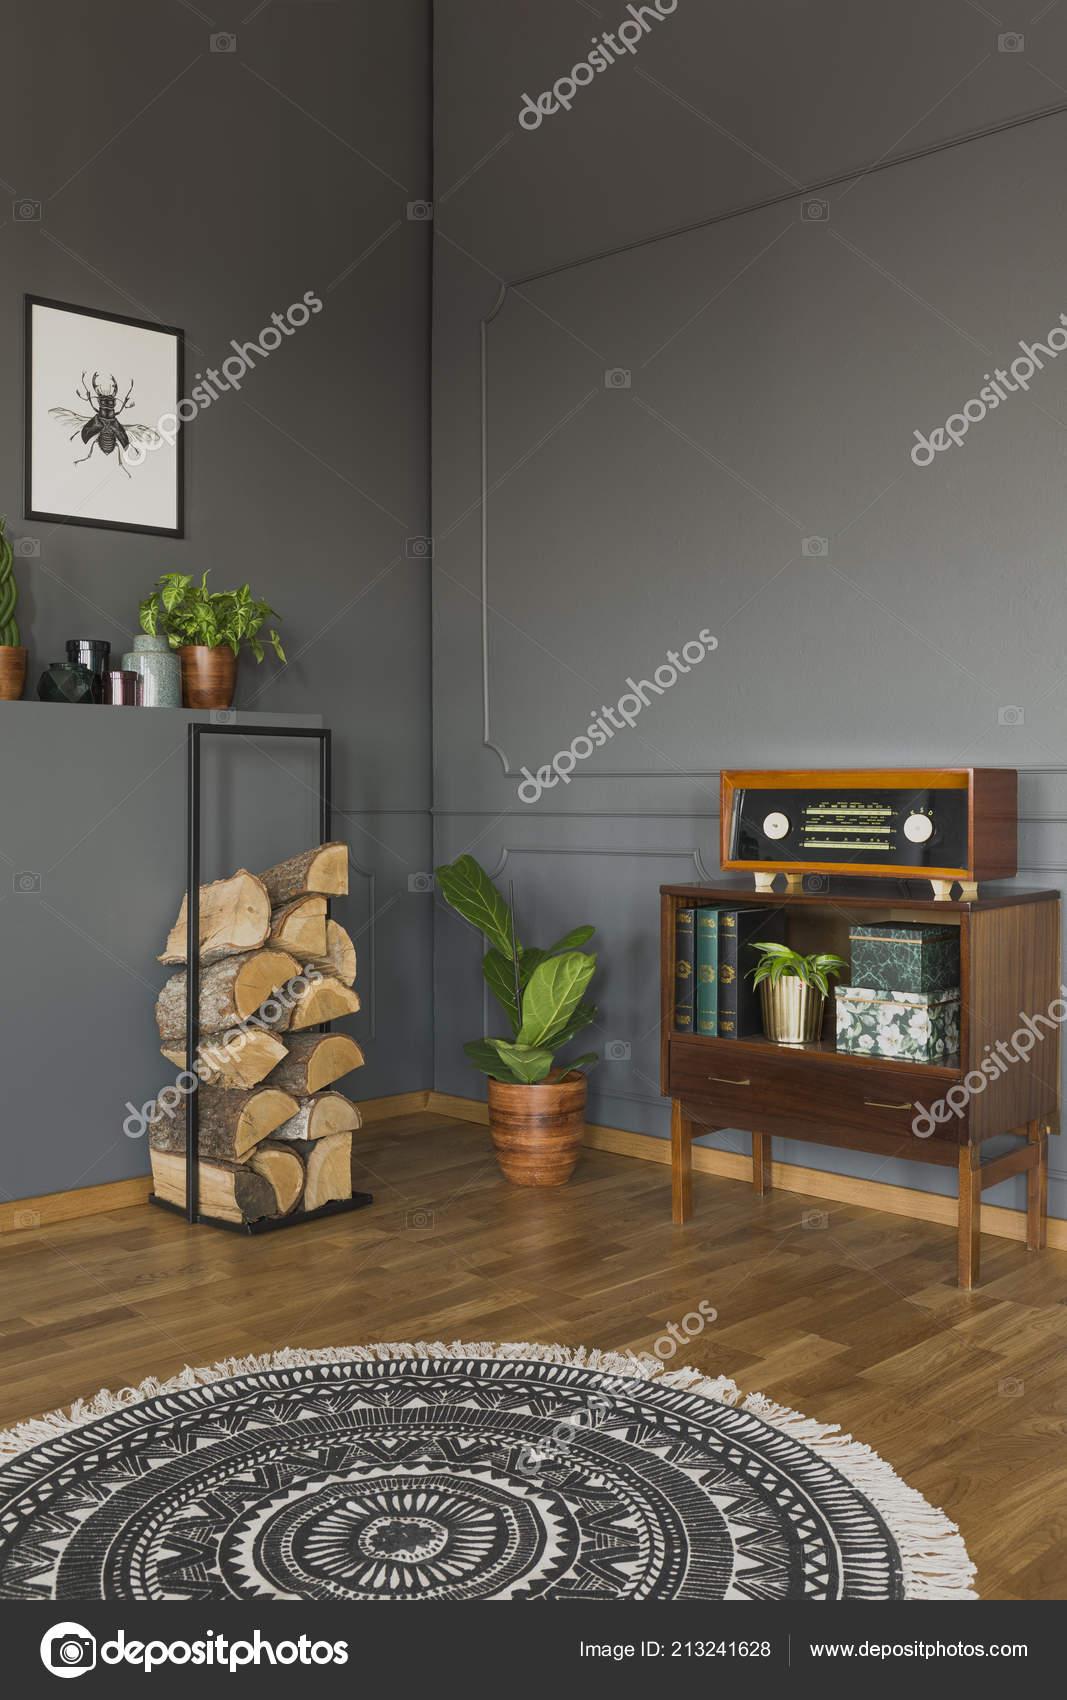 Runder Teppich Innen Grau Retro Wohnzimmer Mit Radio Schrank ...